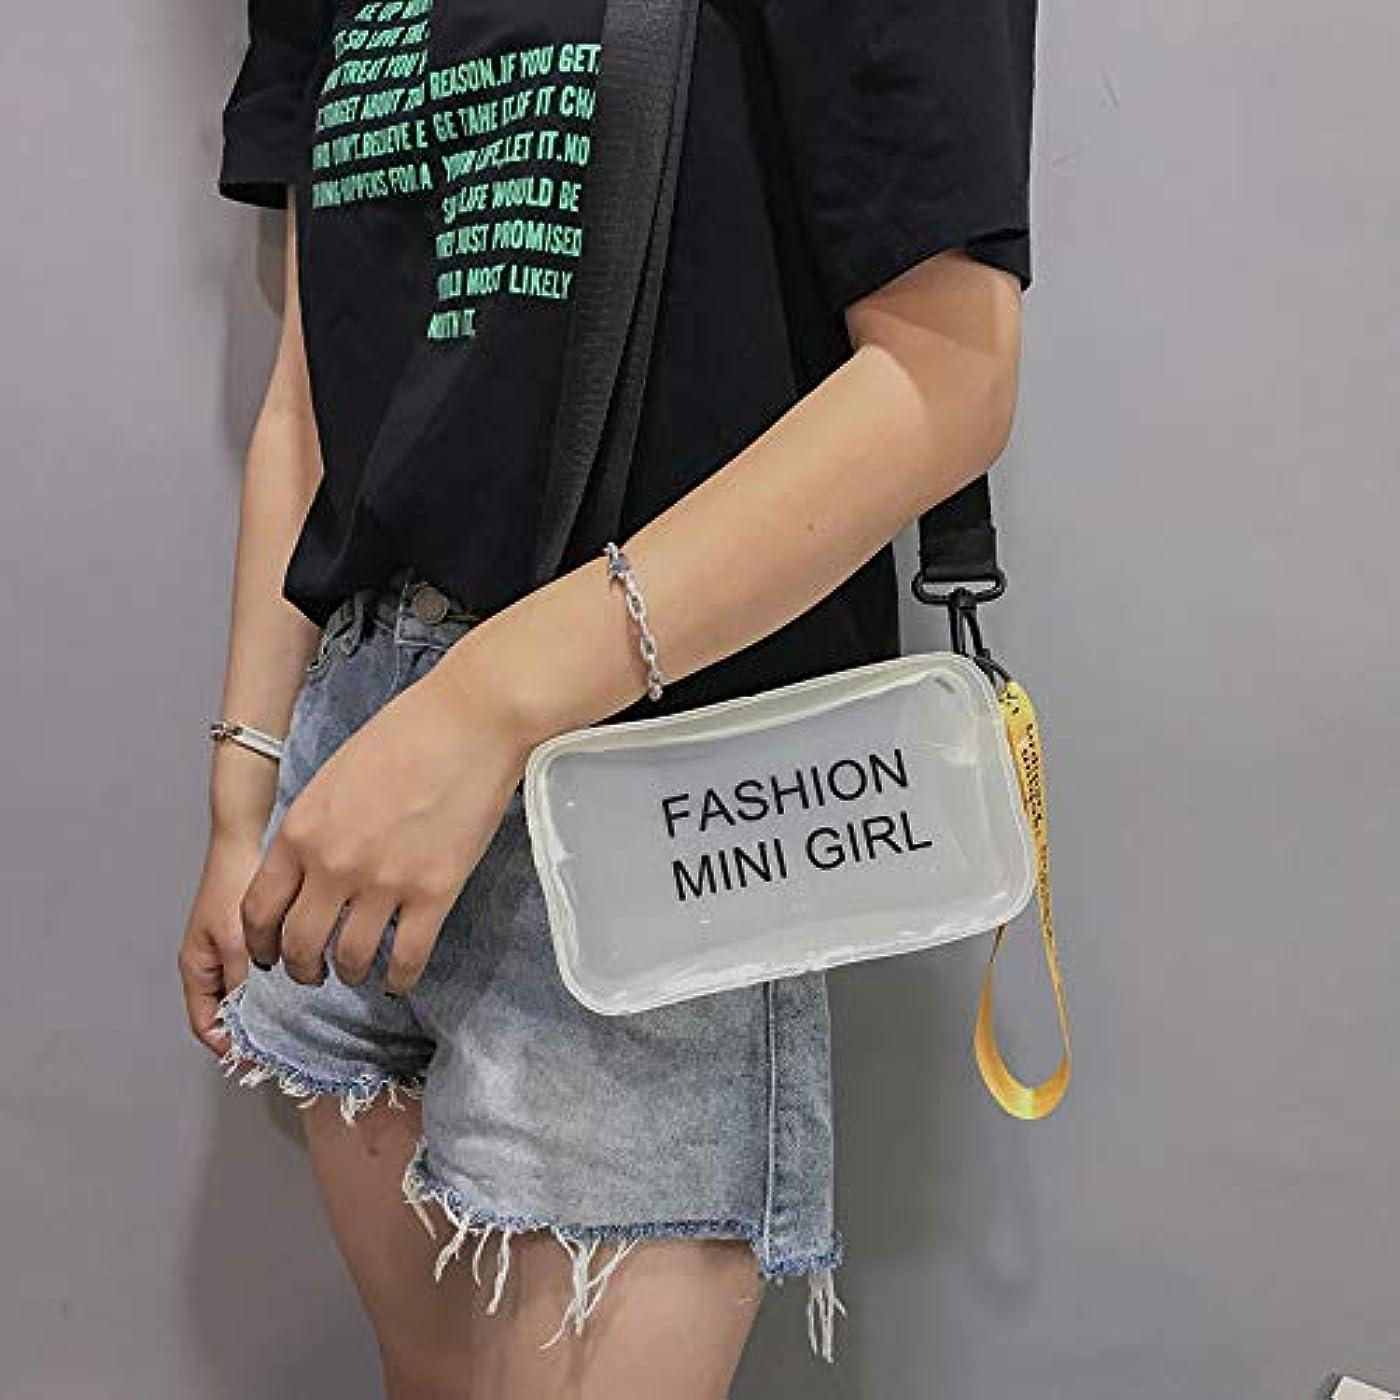 合図変位複雑な女性ファッションゼリー手紙ストリートシンプルデザインショルダーバッグメッセンジャーバッグ、ゼリー手紙メッセンジャーバッグハンドバッグ携帯電話バッグ、ファッション汎用メッセンジャーバッグショルダーバッグハンドバッグ (白)